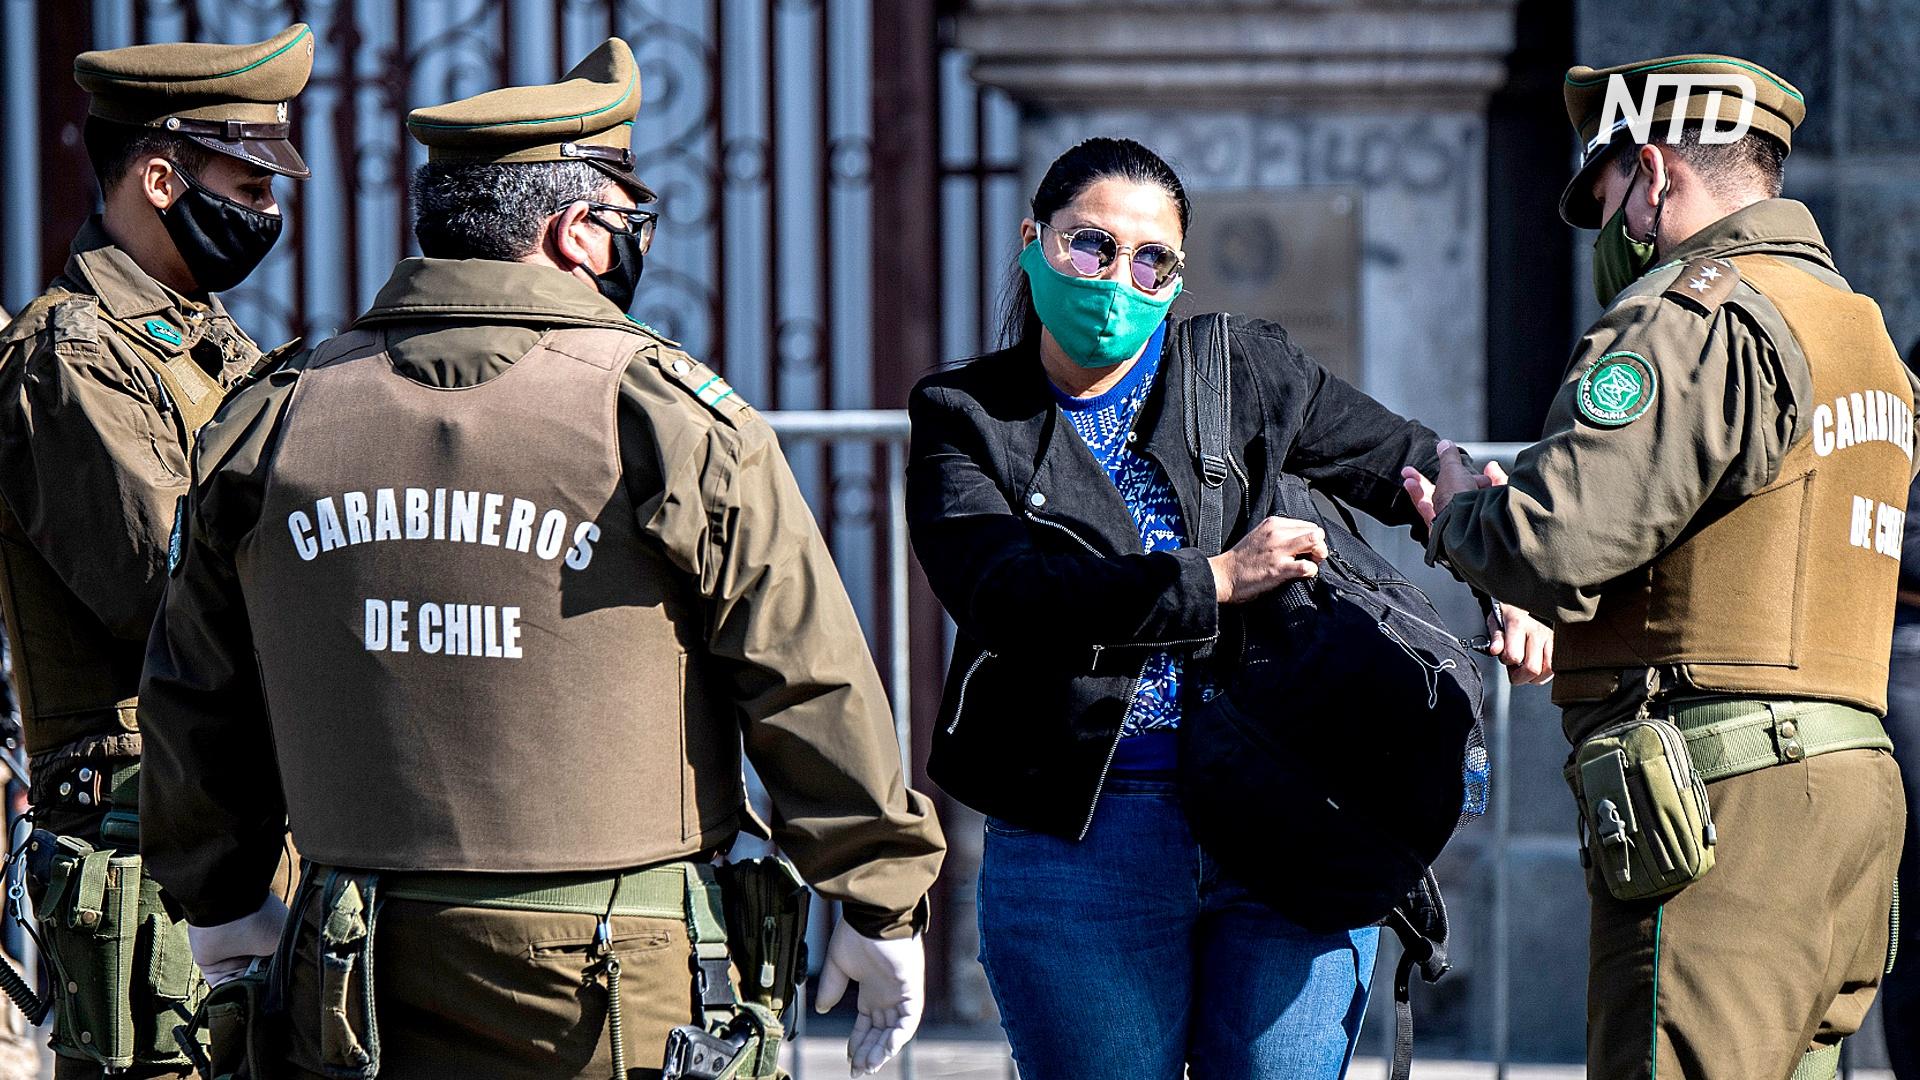 До пяти лет тюрьмы: в Чили ужесточили наказание за нарушение карантина